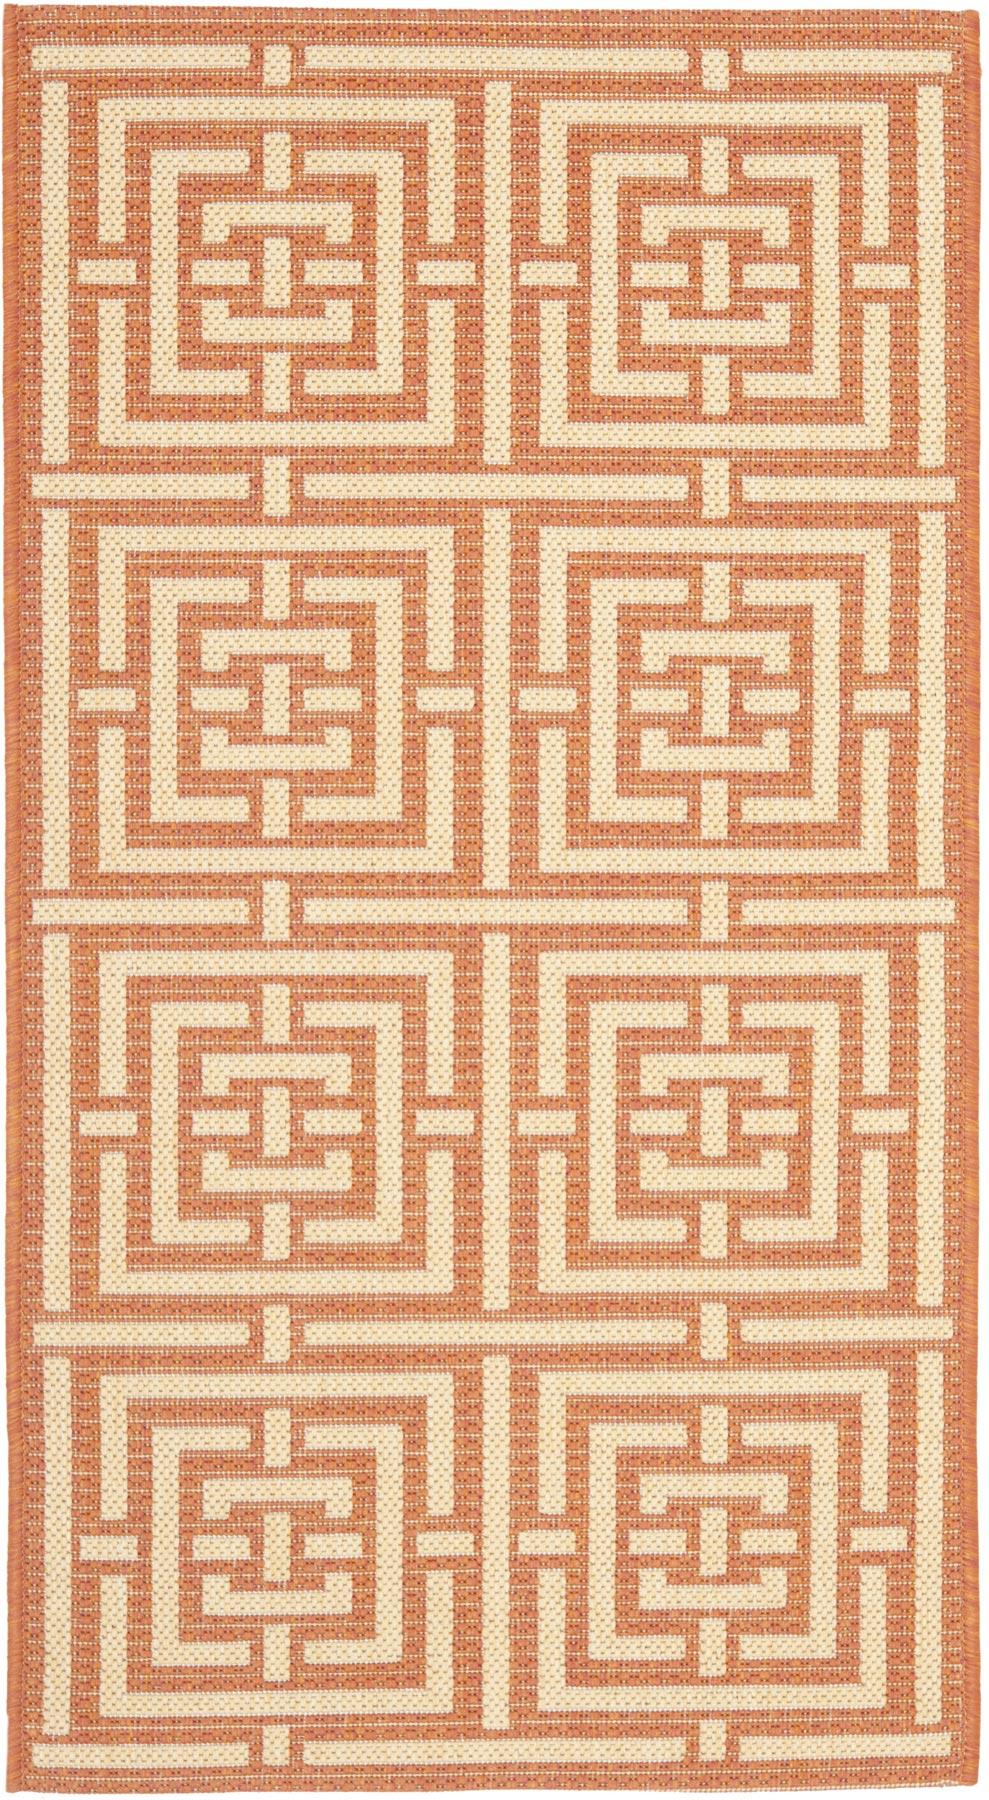 Terracotta & Cream Indoor-Outdoor Carpet - Safavieh.com